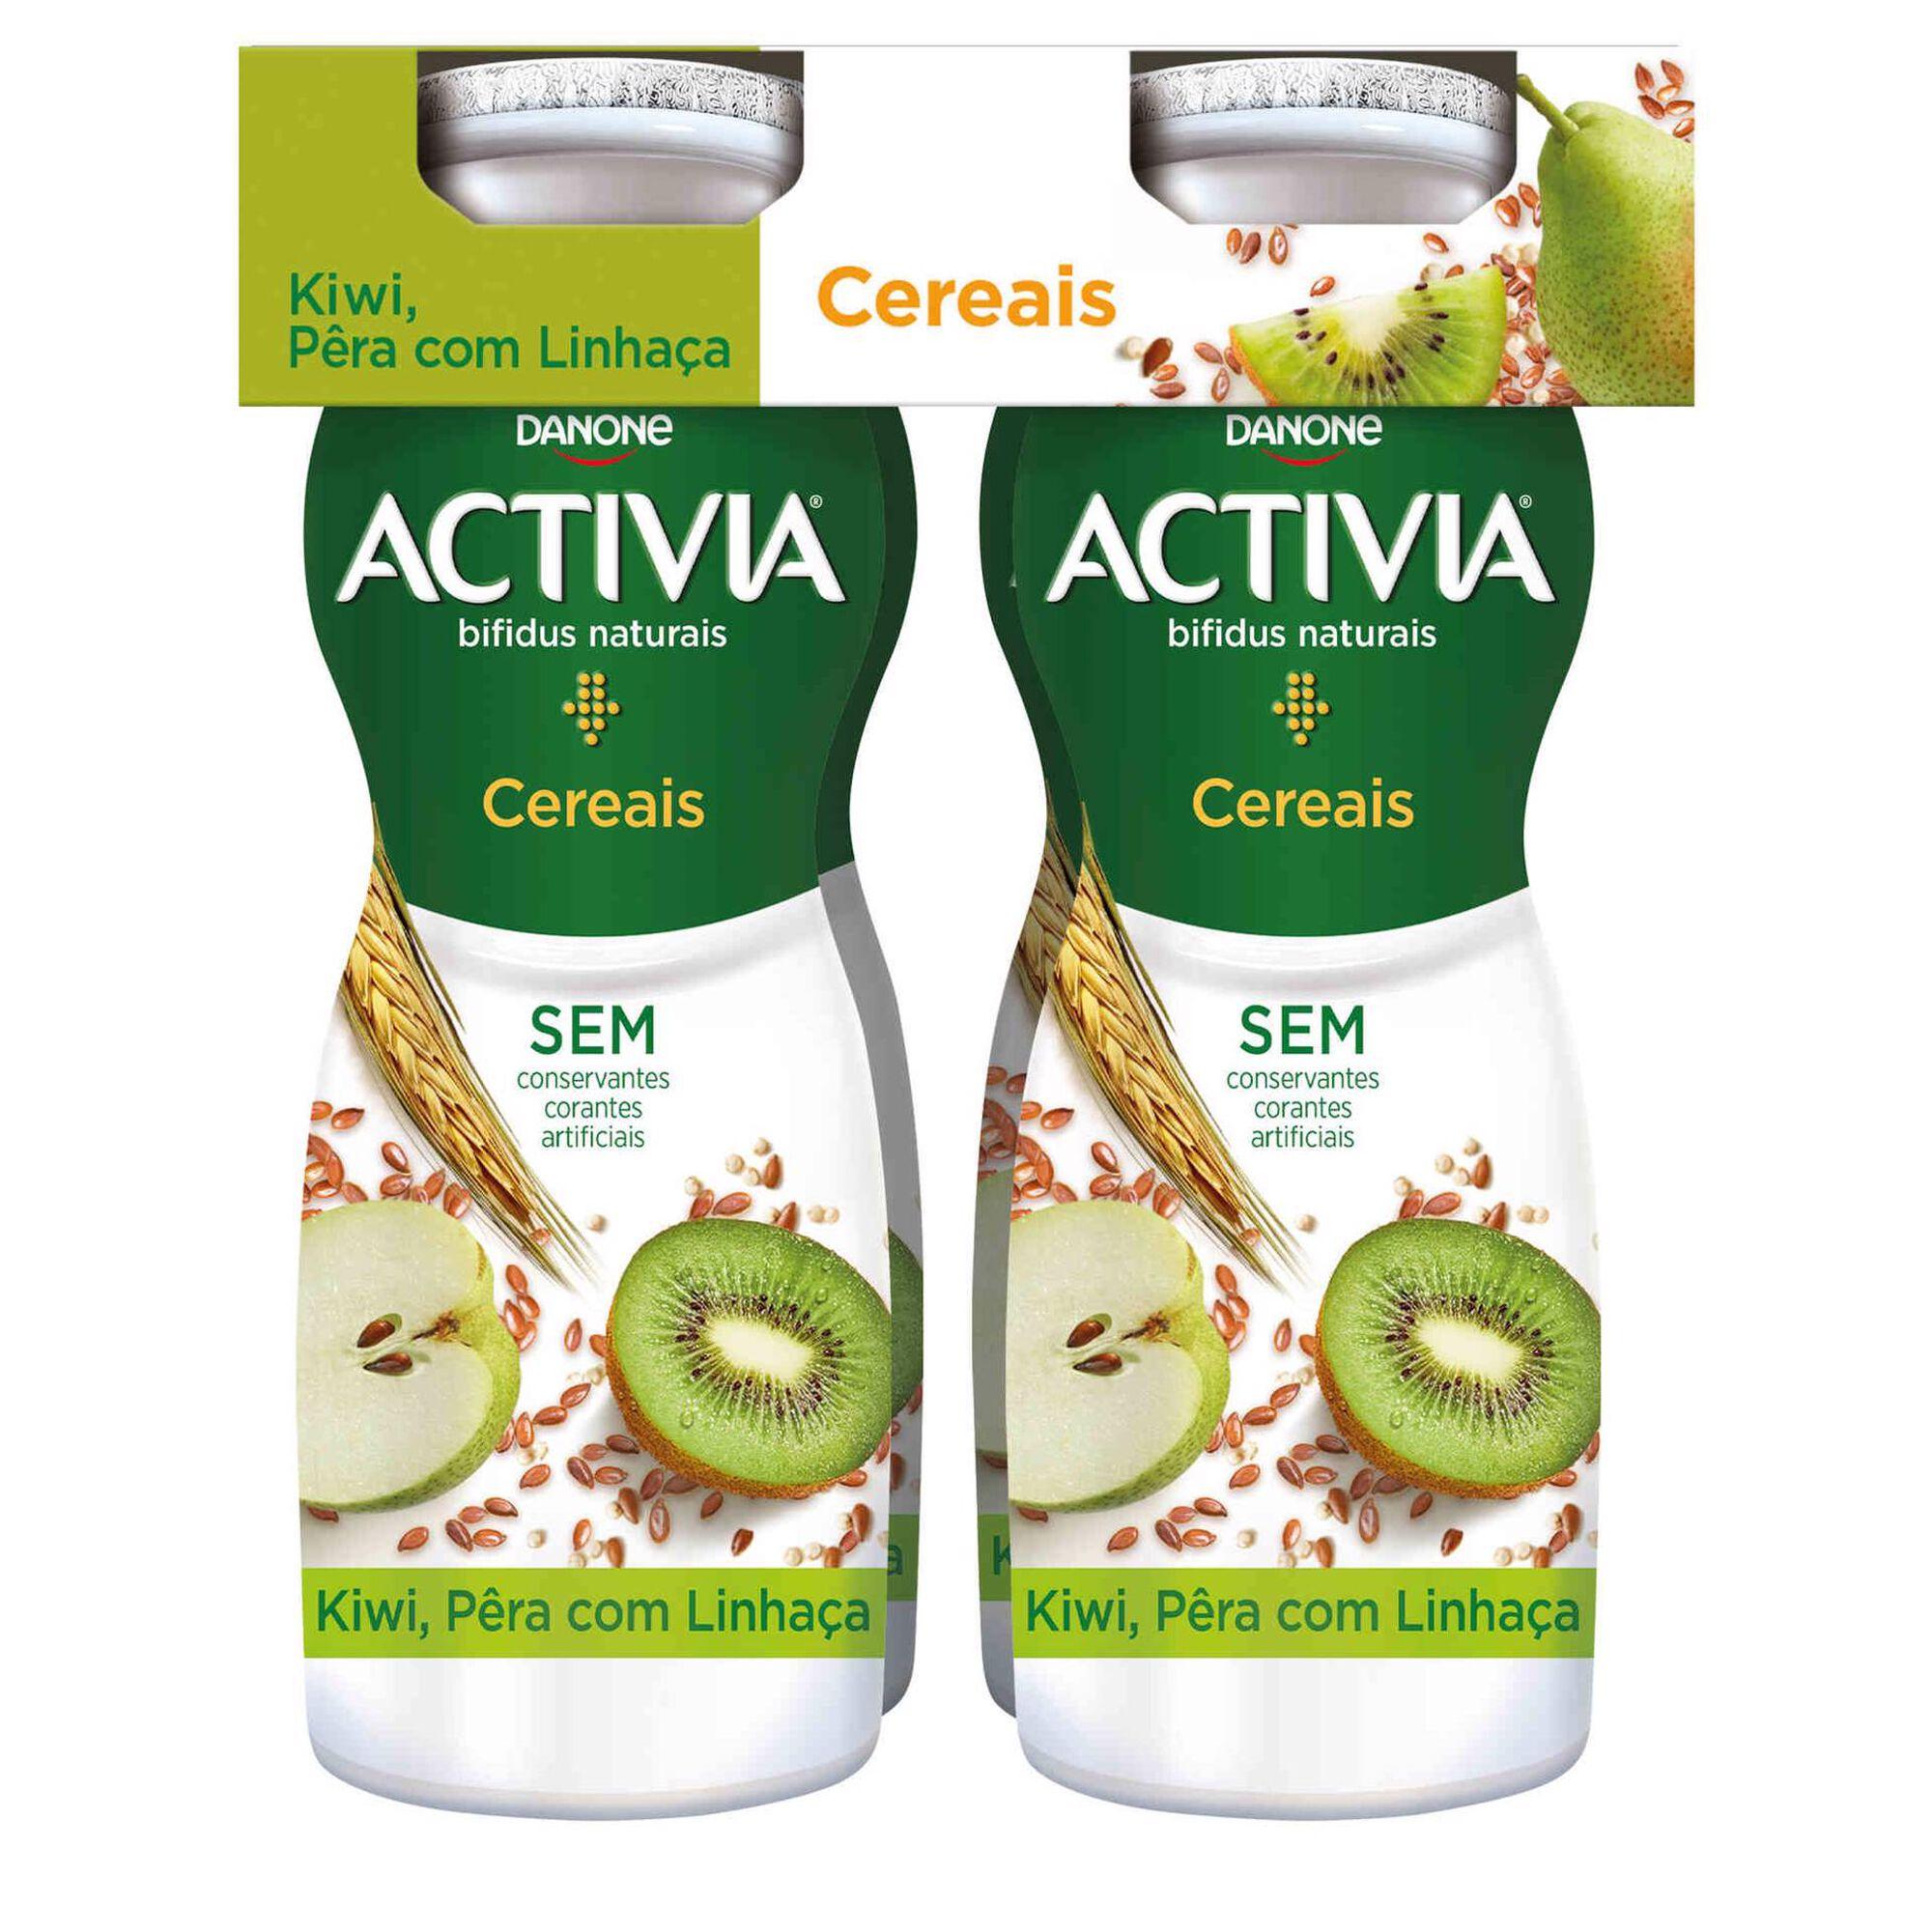 Iogurte Líquido Bifidus Probiótico Kiwi, Pera e Linhaça Activia